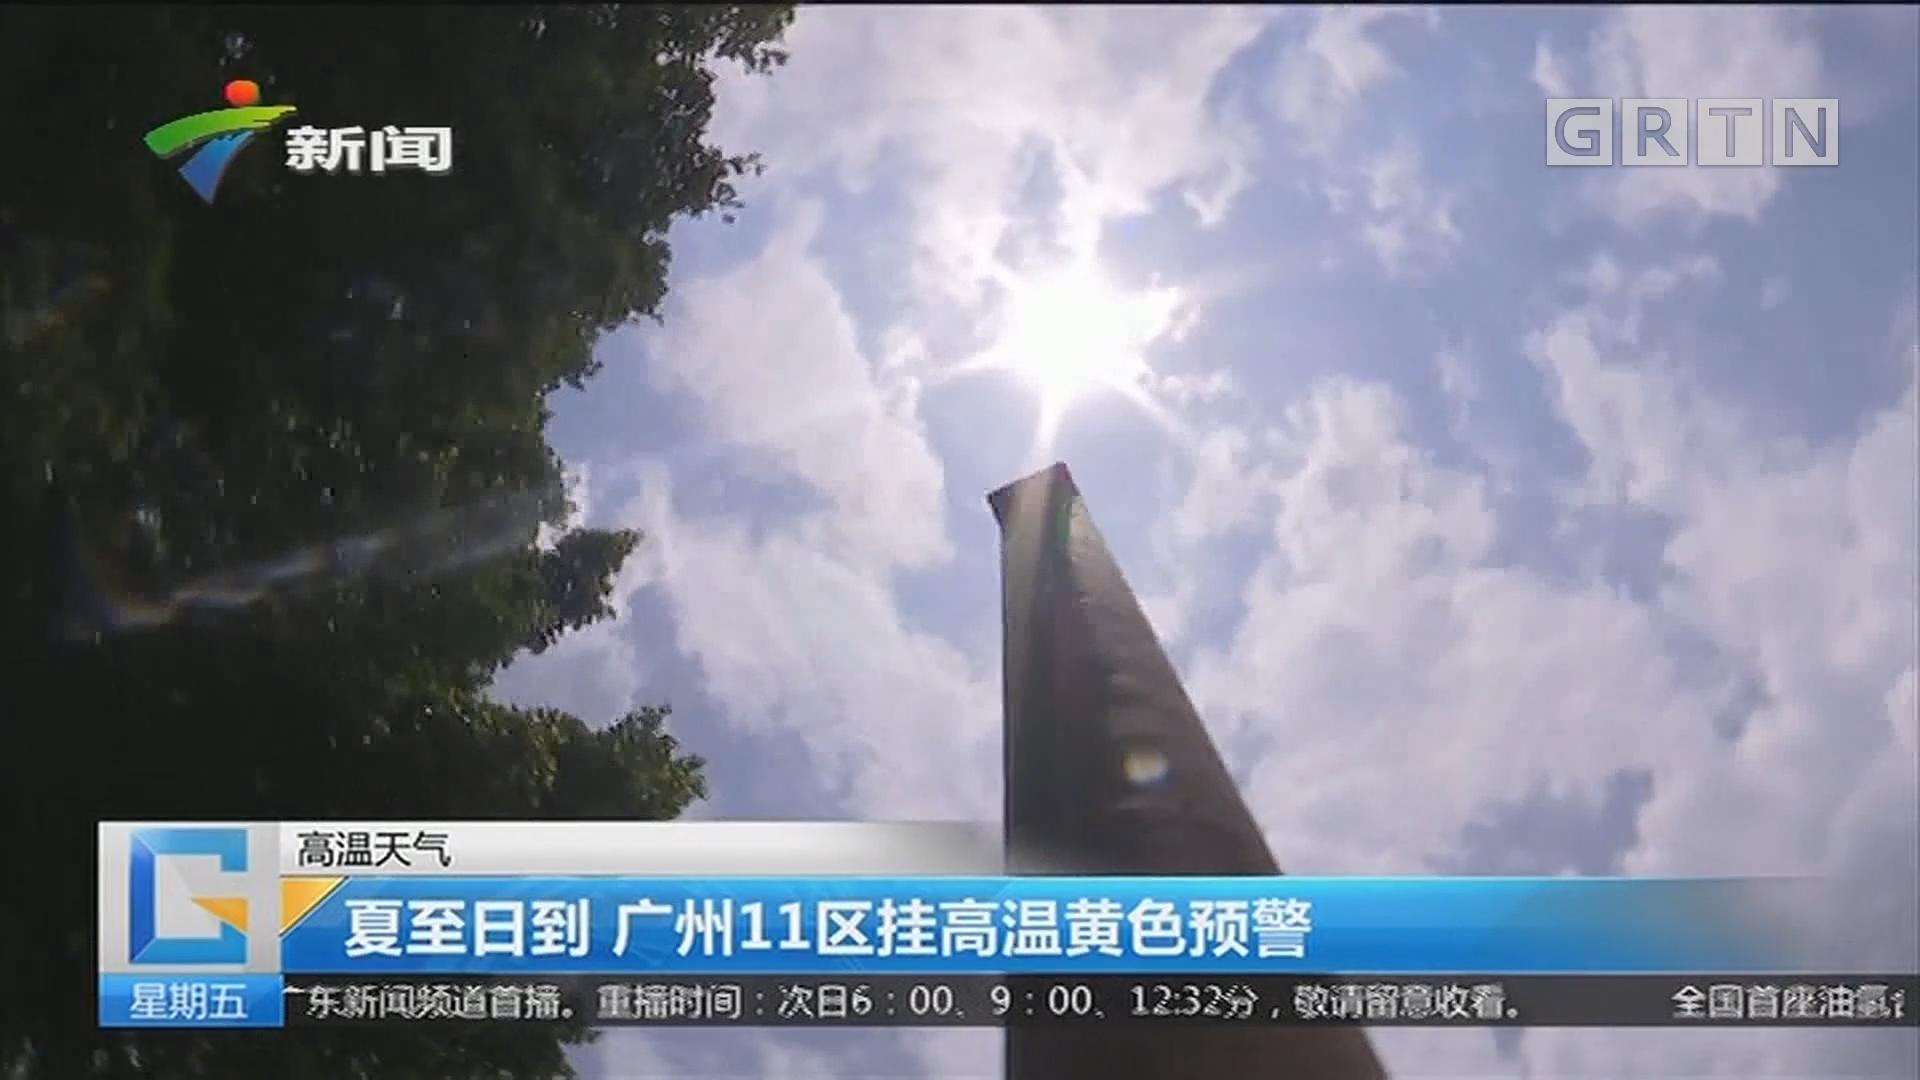 高温天气:夏至日到 广州11区挂高温黄色预警